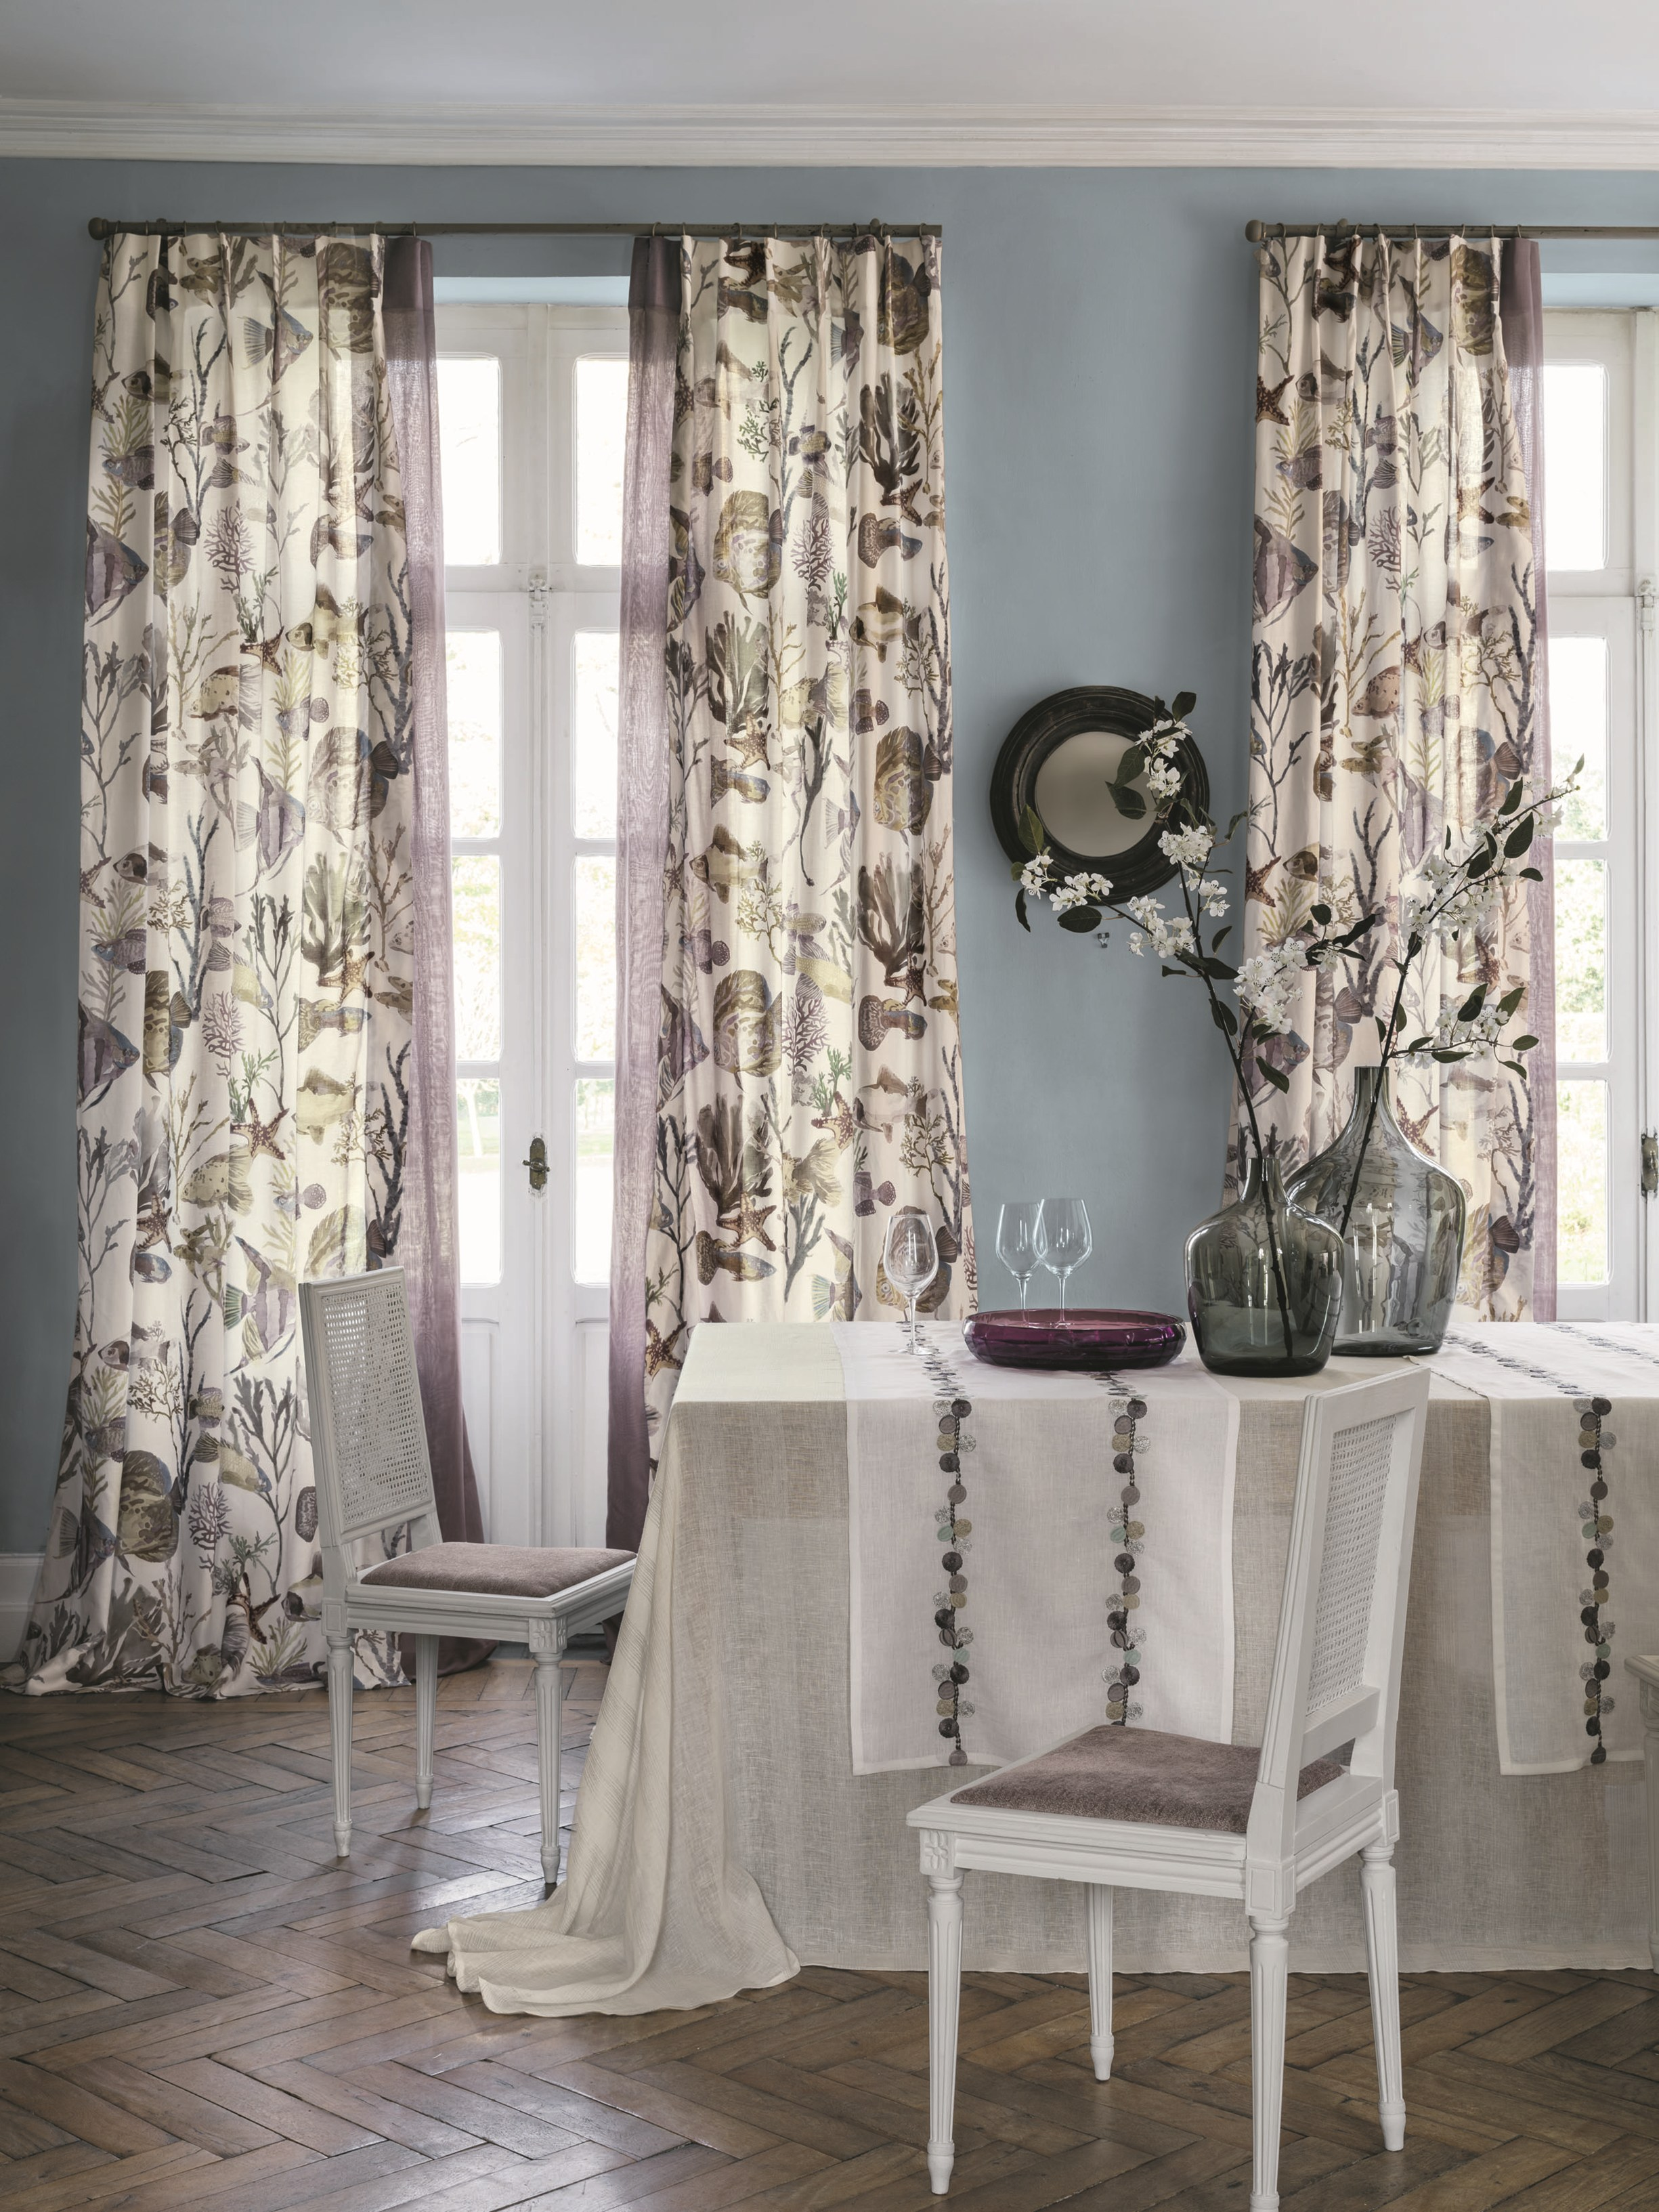 Tessuto in lino per tende con motivi floreali archipel - Tende per doccia in lino ...